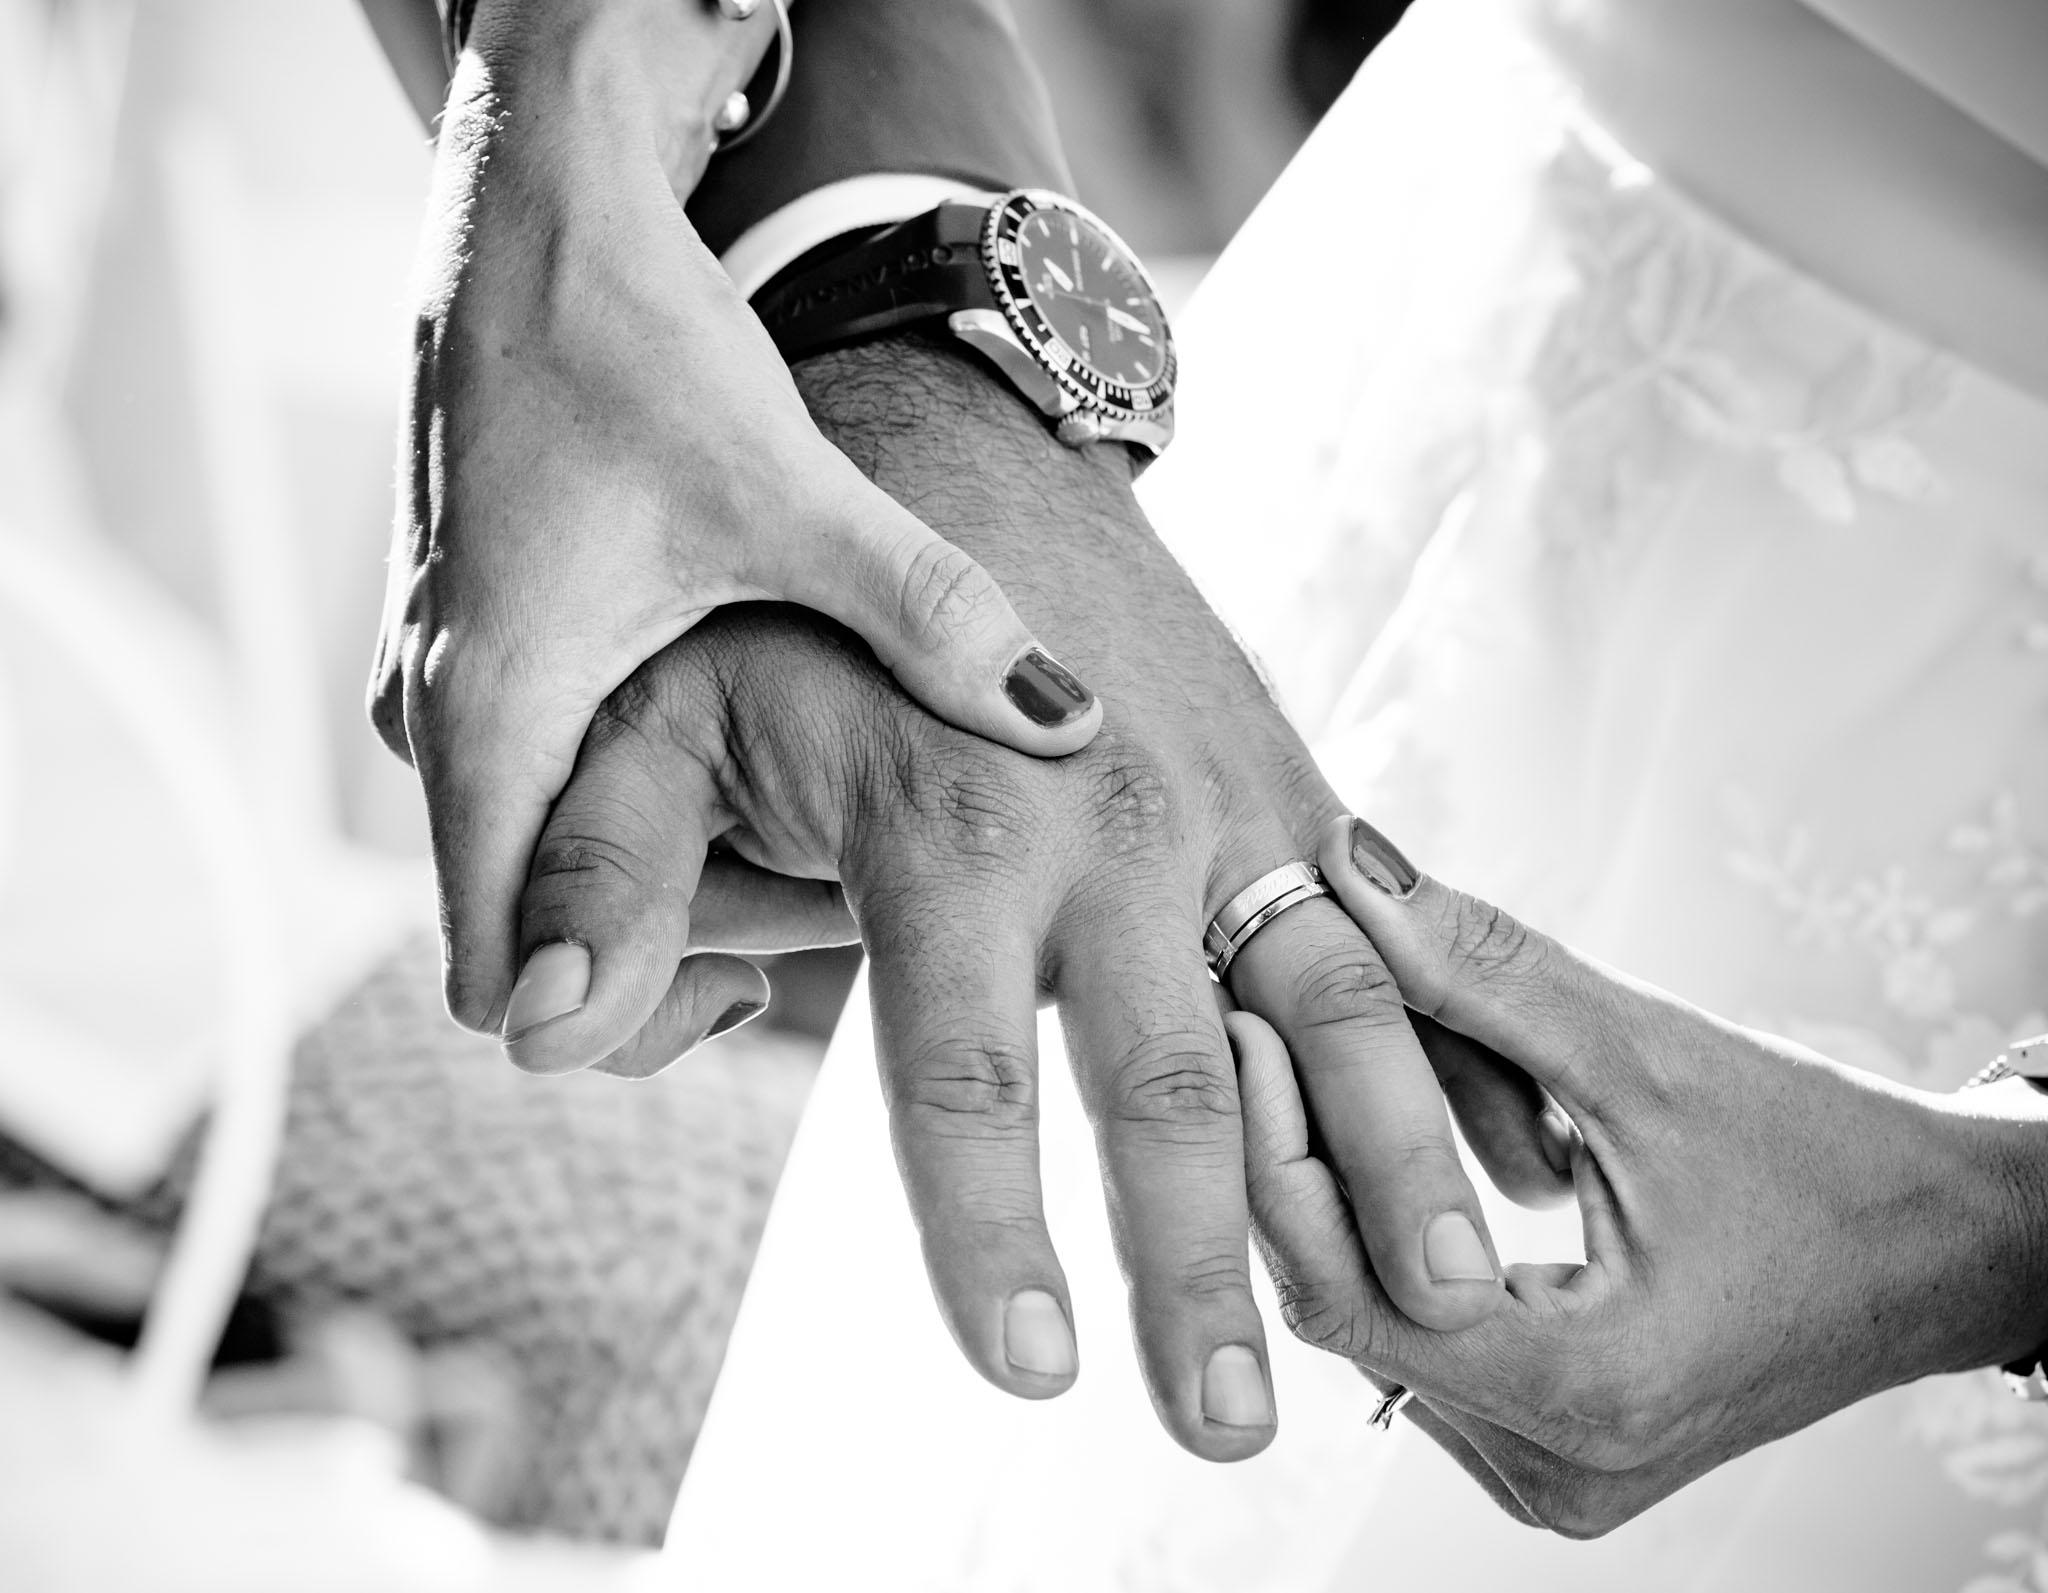 photo mariage couple originale,photographe evenementiel,photographe pro mariage, photographe Toulouse,photo de couple mariage,photographe de mariage luxe,forfait mariage photographe,photographe evenementiel,photographe de mariage haute savoie, photographe Toulouse,photo de couple mariage,photographe de mariage luxe,photo de mariage couple,photographe de mariage juif,Manon DUCLOS,  photographe pour mariage tarif,photographe beauté,photographe de mariage Geneve,photographe pas cher mariage,faire des photos de mariage,photobooth mariage ,photographe de mariage dijon,photo mariage marocain,photographe de mariage toulouse,photographe de mariage auvergne,photo mariage prix,photographe cameraman mariage oriental,photographe de mariage isére, photographe Toulouse,photo de couple mariage,photographe de mariage luxe,photo mariage groupe,photographe de mariage haute savoie,photographe pour mariage,photo mariage marocain,photographe de mariage toulouse,photographe de mariage auvergne,photo mariage groupe,photographe de mariage ,photographe de mariage luxe,mariage photographe,photobooth mariage ,photographe de mariage juif,photo de mariage couple,photographe de mariage,photographe pour bébé,mariage photographe,photobooth mariage ,photographe de mariage juif,meilleurs photographes mariage,photo de mariage,photographe portrait toulouse